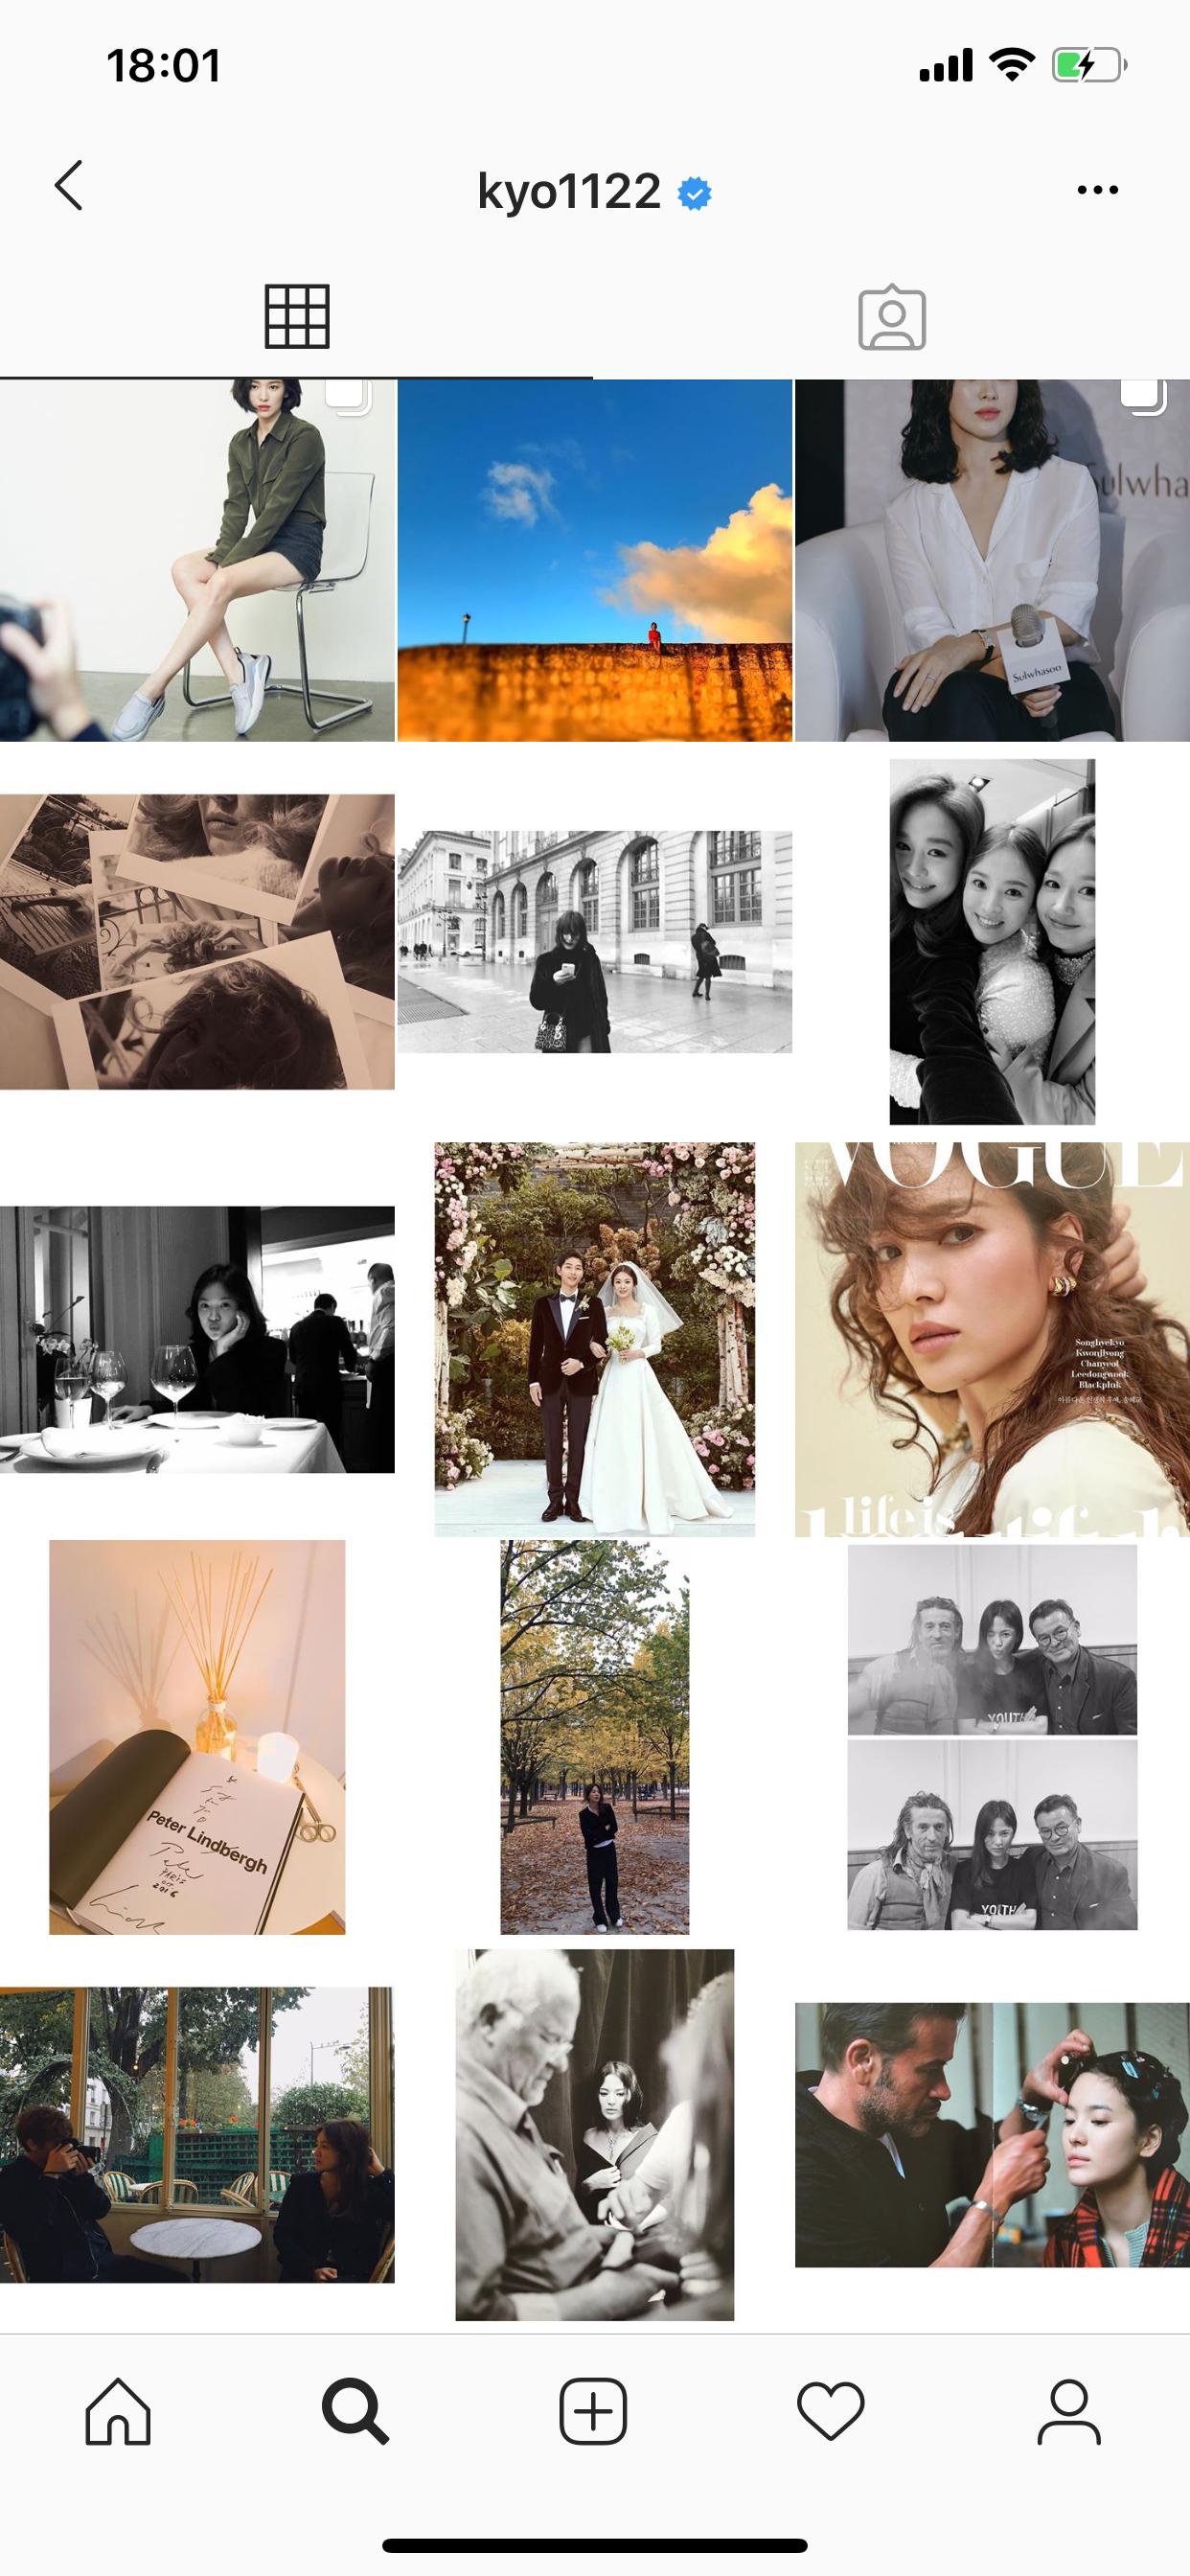 Chính thức ly dị, Song Hye Kyo đã có động thái đầu tiên: Khai tử ảnh cưới, toàn bộ dấu vết về chồng trên Instagram - Ảnh 3.